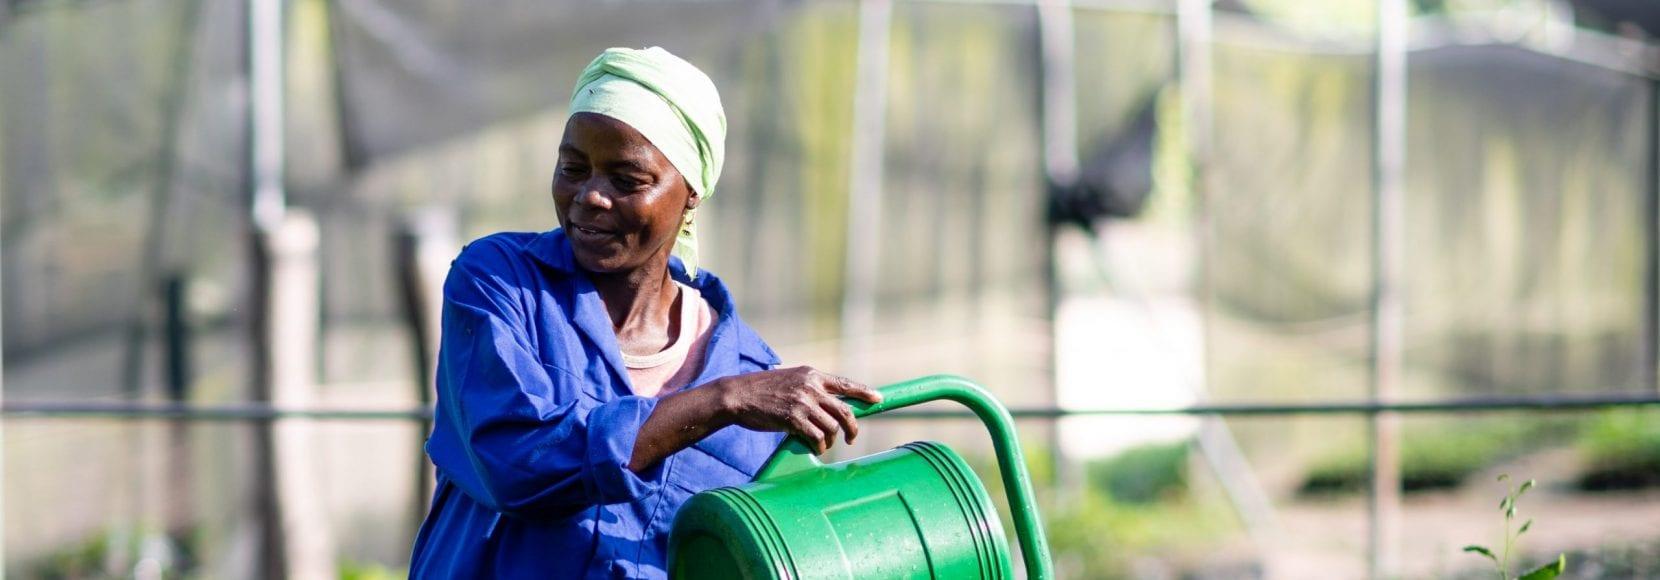 Women watering plants in Benin